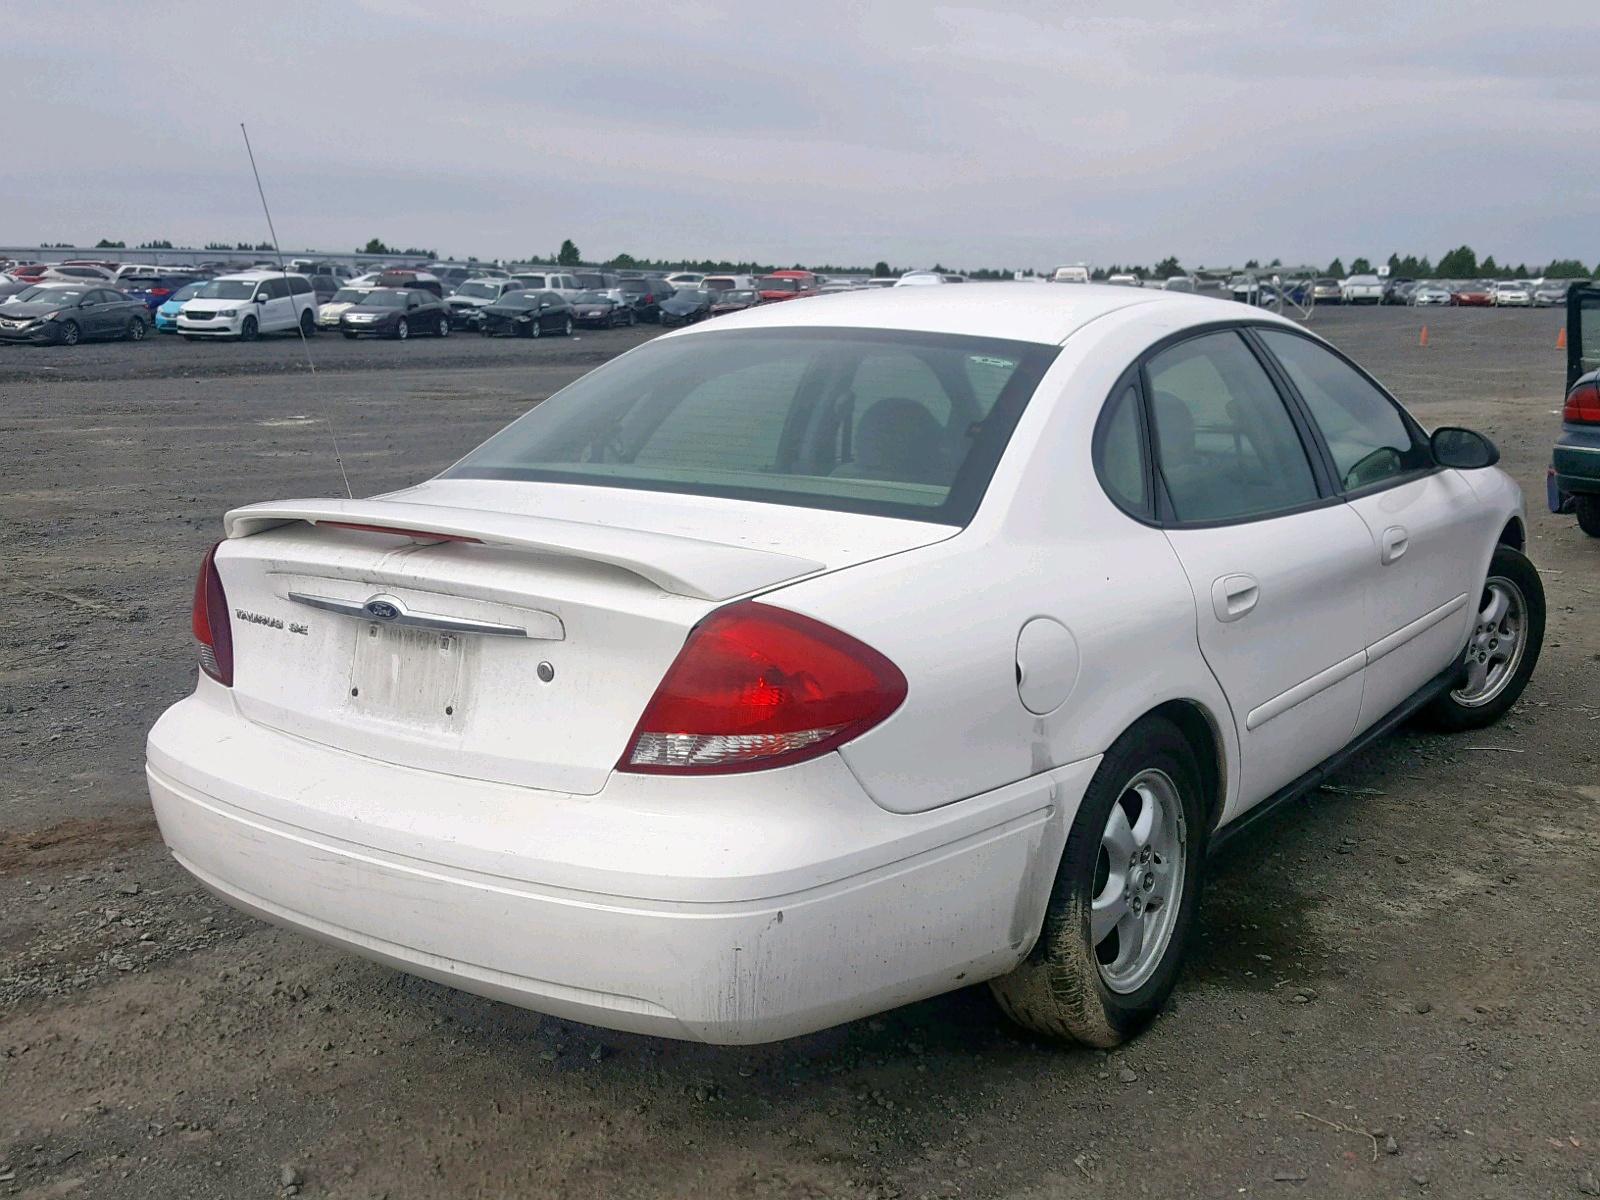 1FAFP53U06A132220 - 2006 Ford Taurus Se 3.0L rear view